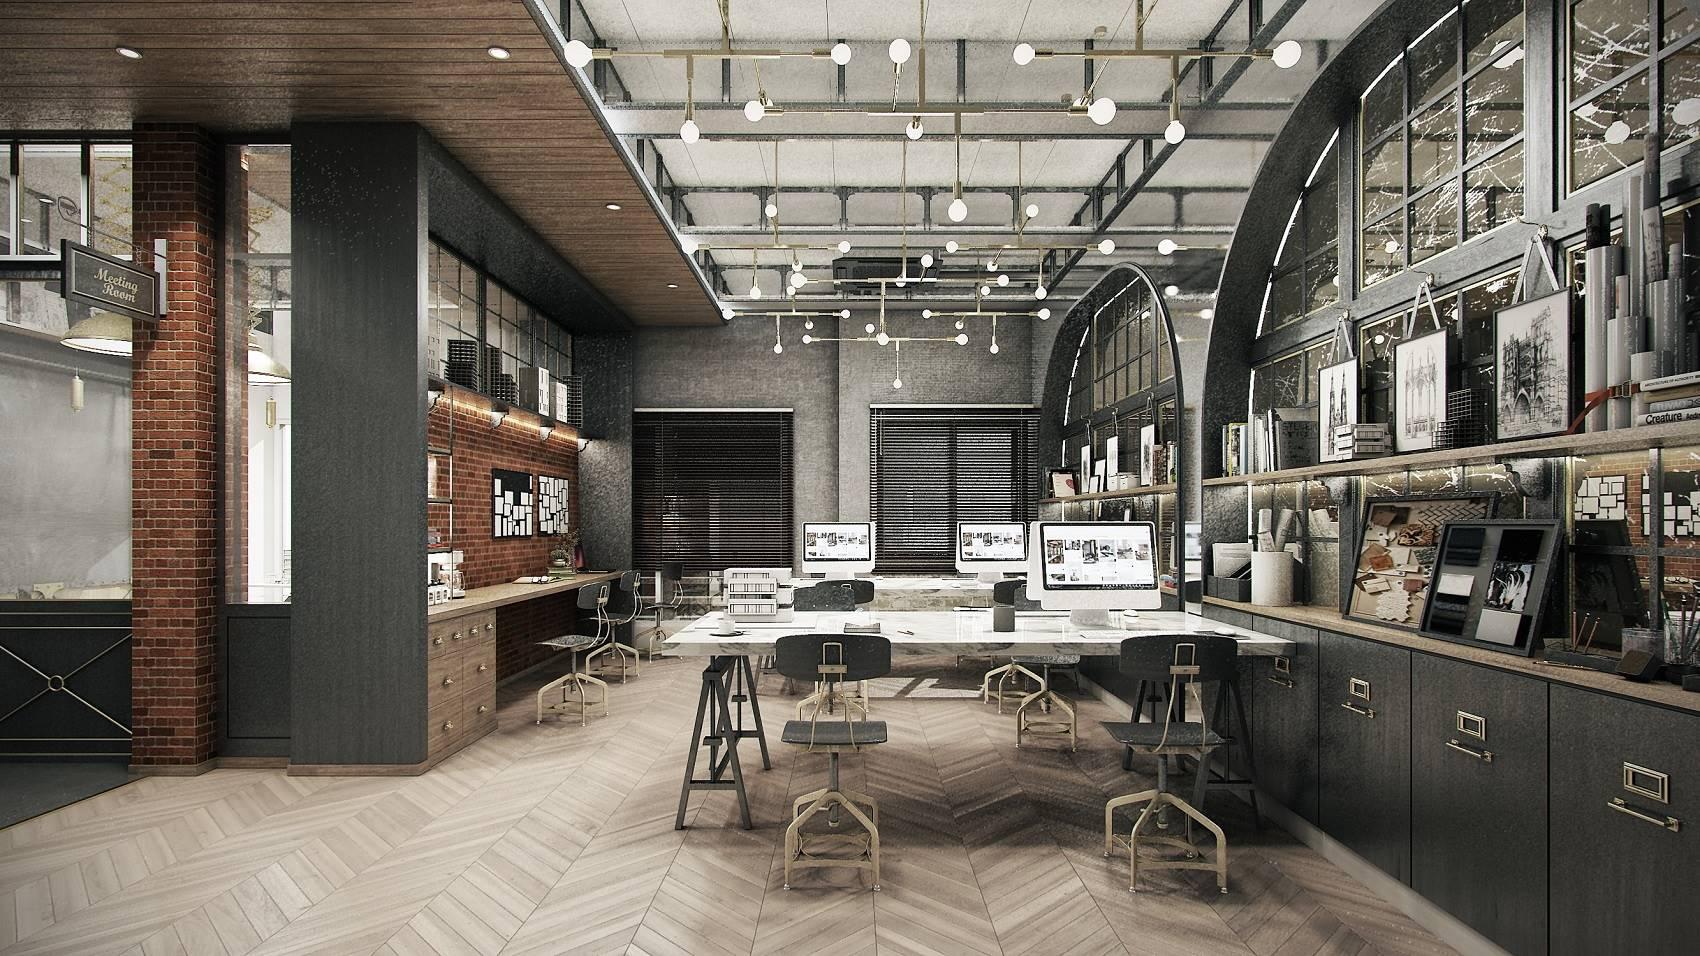 ตลาดอาคารสำนักงานกรุงเทพฯ  รับอานิสงส์การขยายตัวธุรกิจ coworking space | Prop2Morrow บ้าน คอนโด ข่าวอสังหาฯ